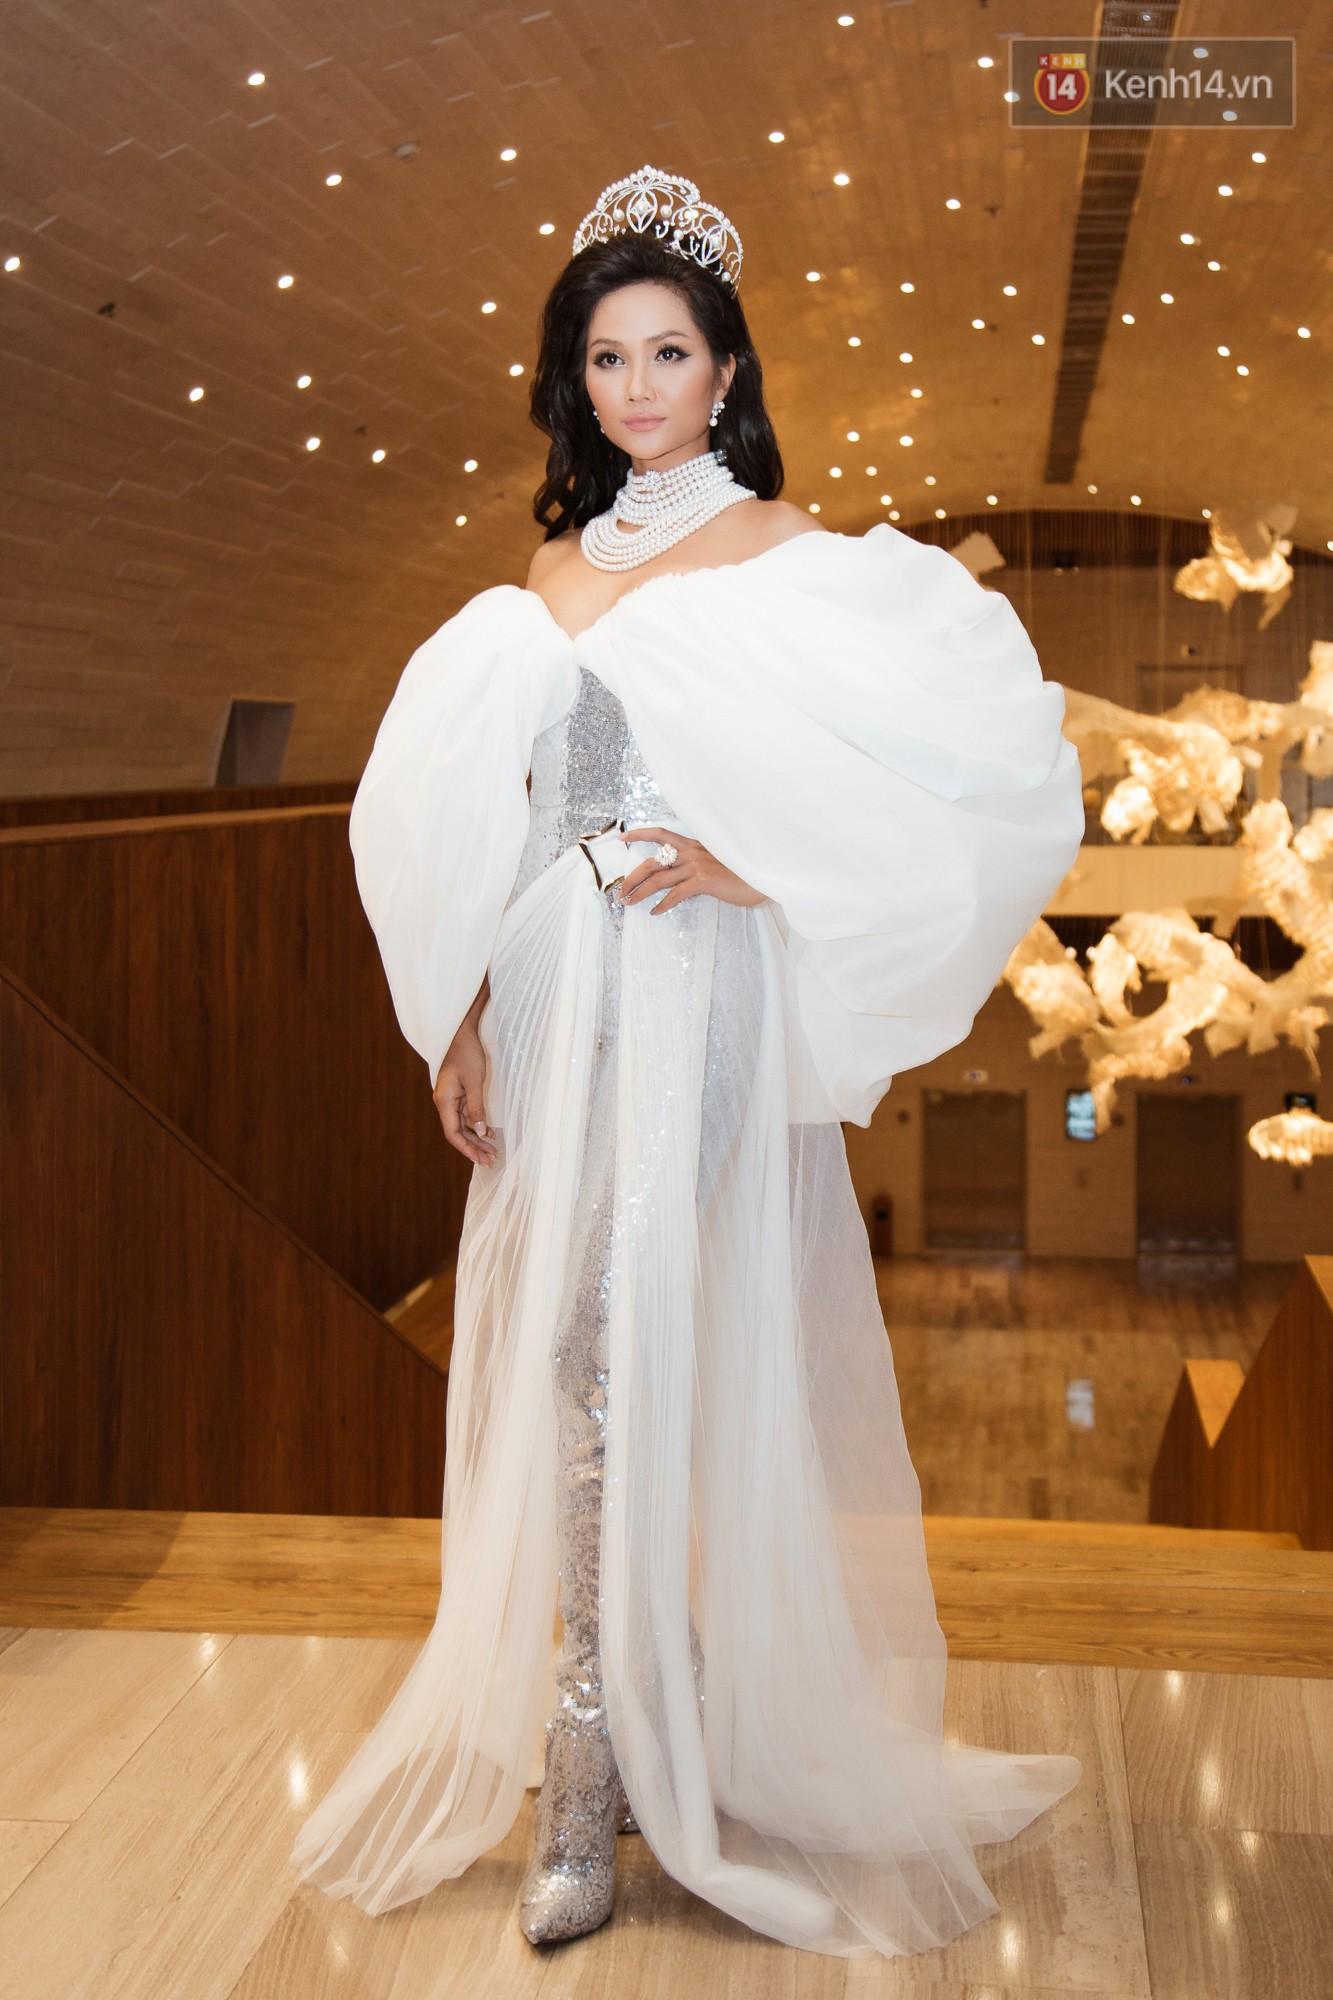 HHen Niê diện style khác lạ, Mâu Thủy hở bạo khoe ngực đầy trong sự kiện khởi động Miss Universe Việt Nam 2019 - Ảnh 2.